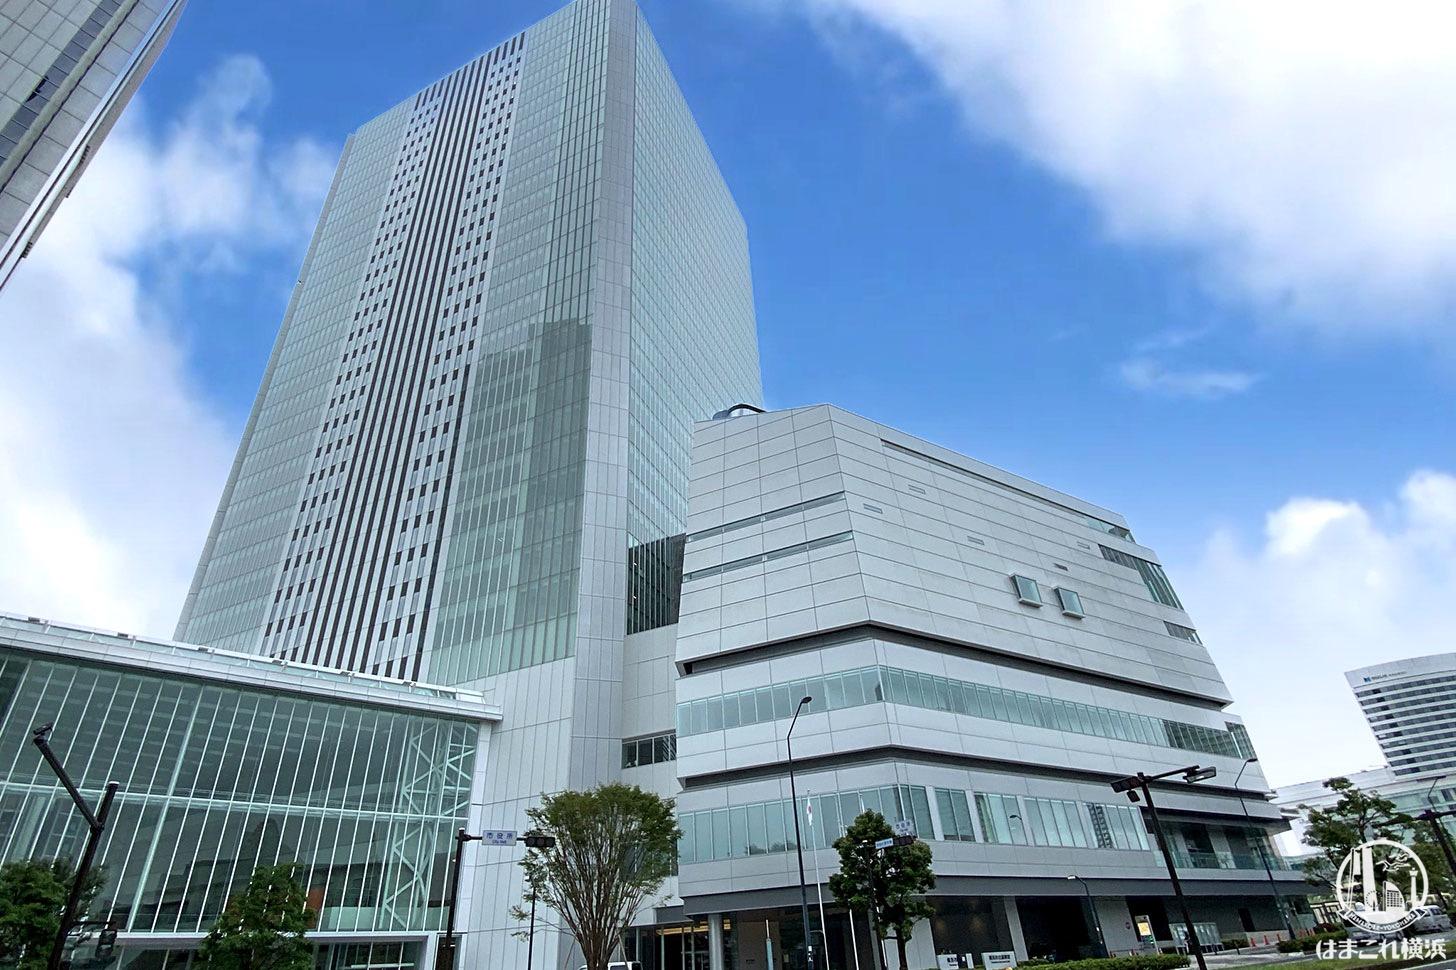 横浜市「海づり施設(本牧・大黒・磯子)」2020年7月以降の営業時間と閉鎖